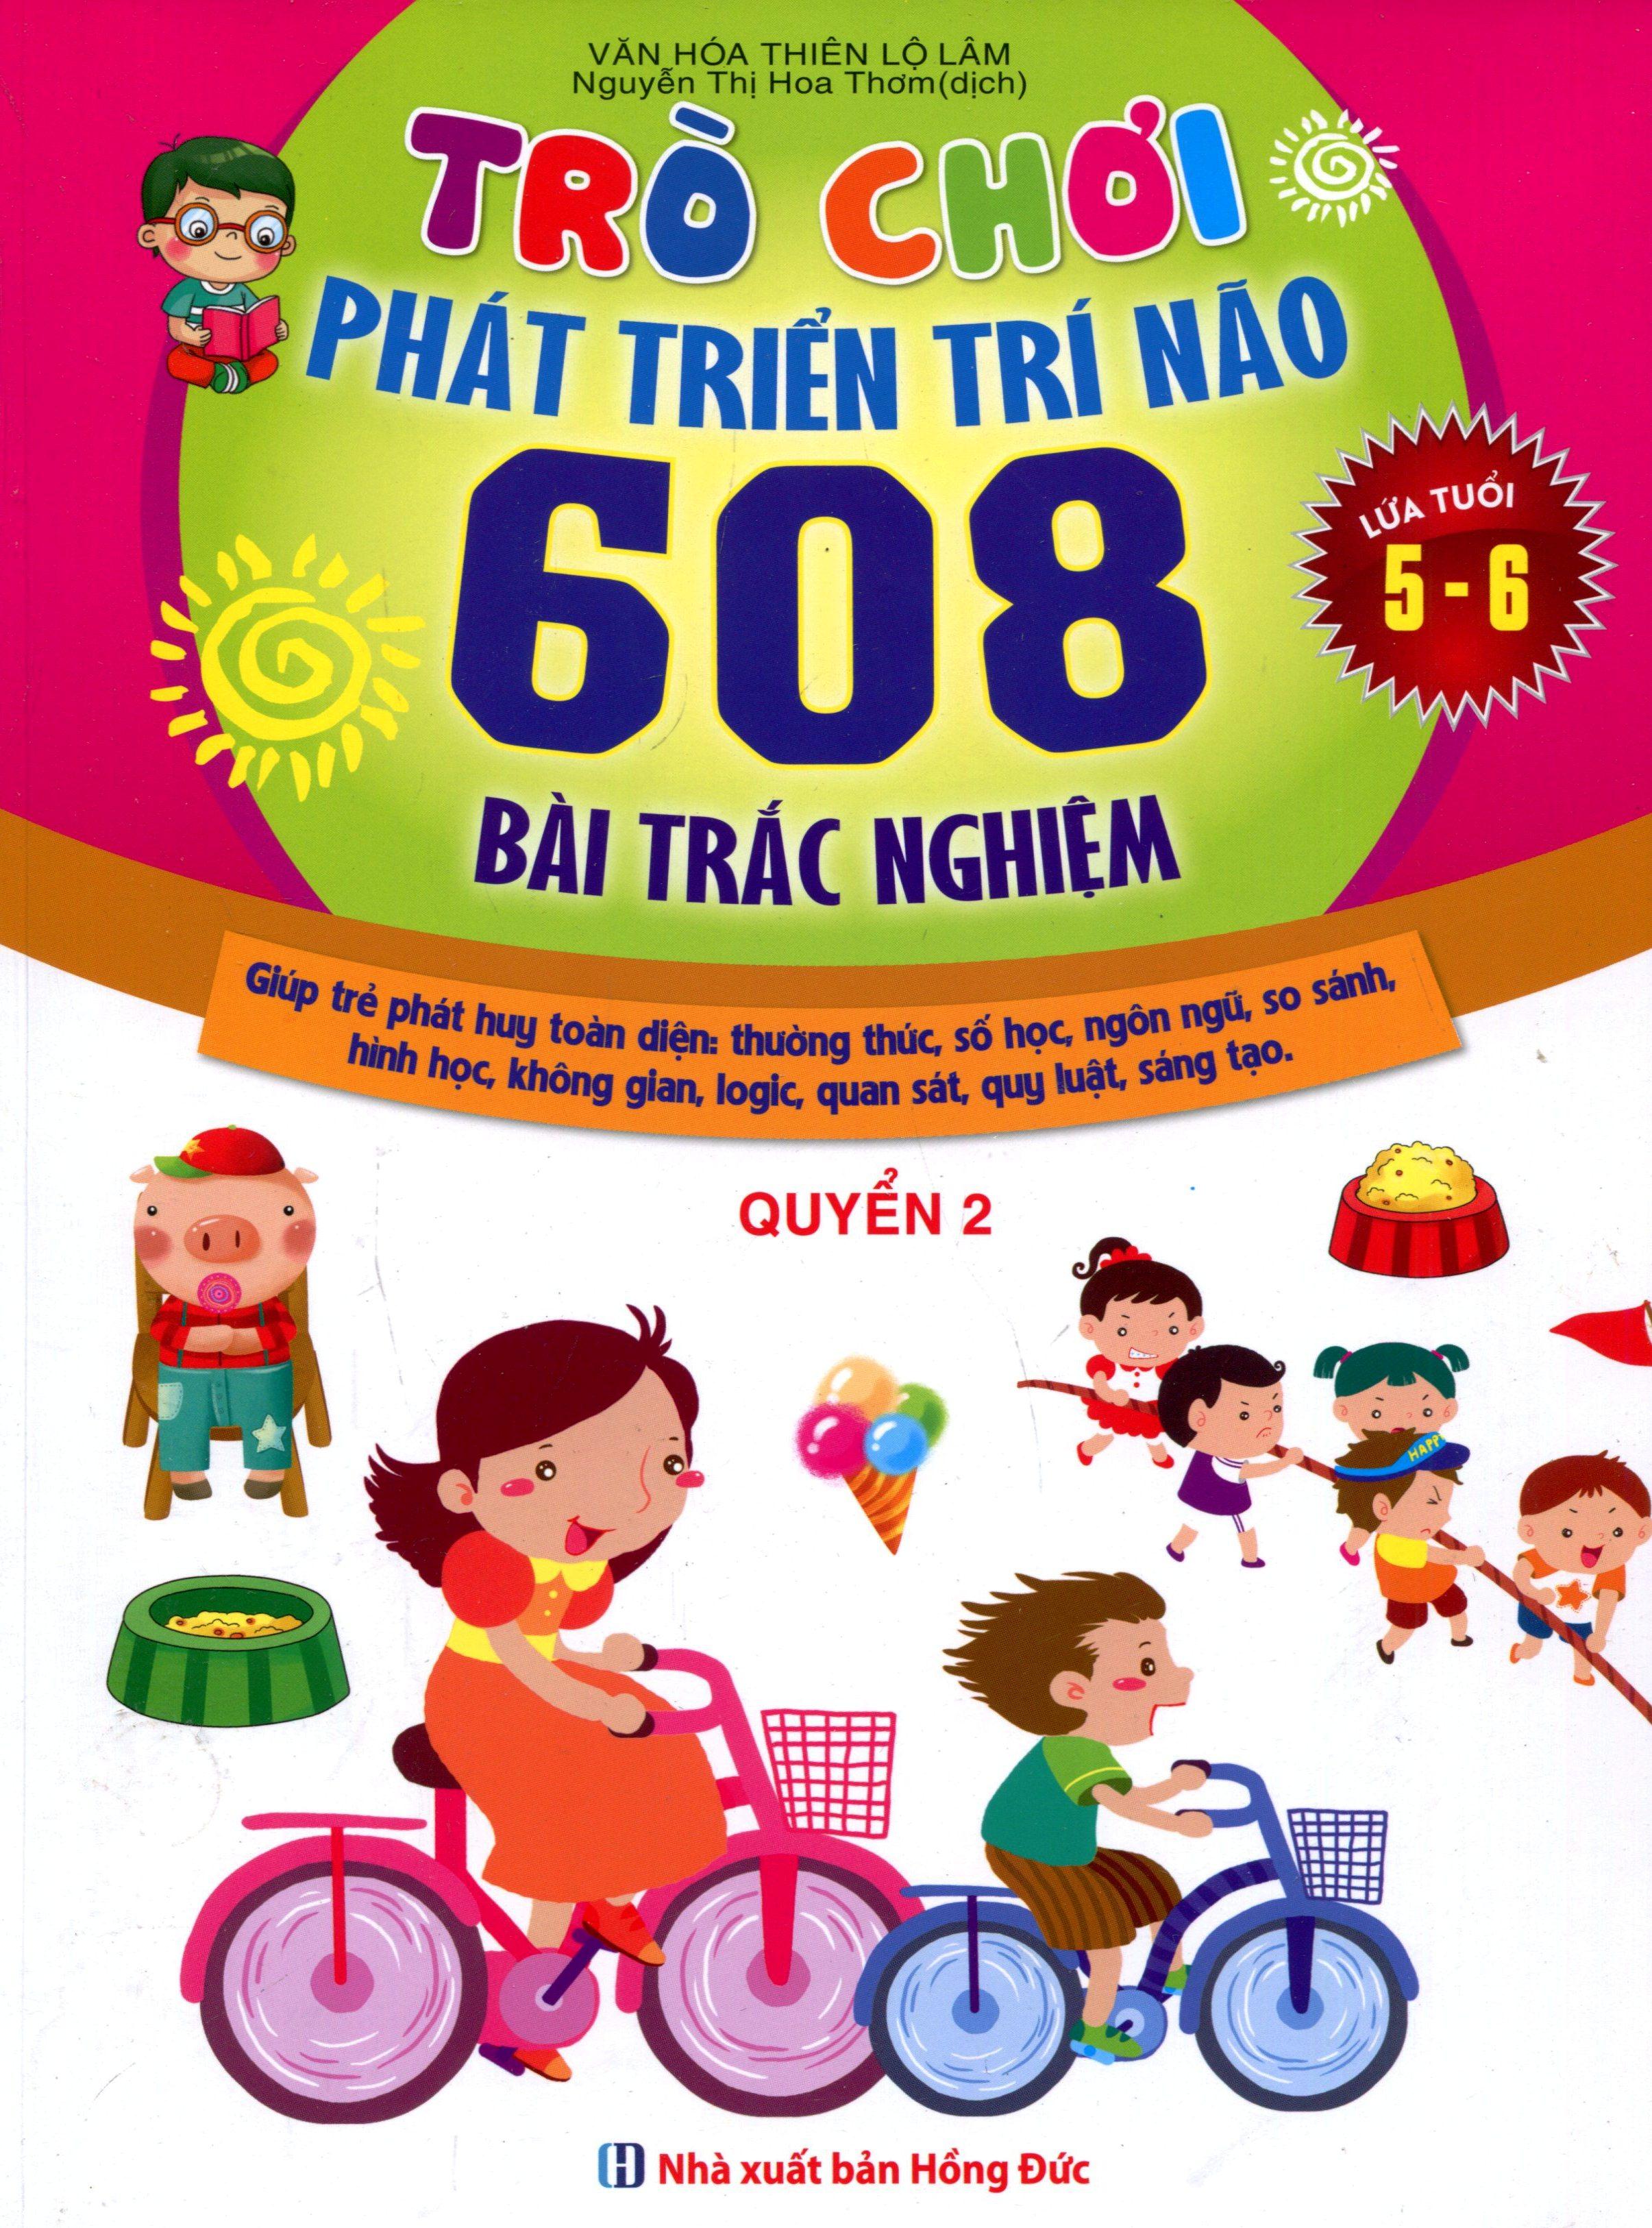 Trò Chơi Phát Triển Trí Não (608 Bài Trắc Nghiệm - Dành Cho Trẻ Từ 5 - 6 Tuổi) (Quyển 2)